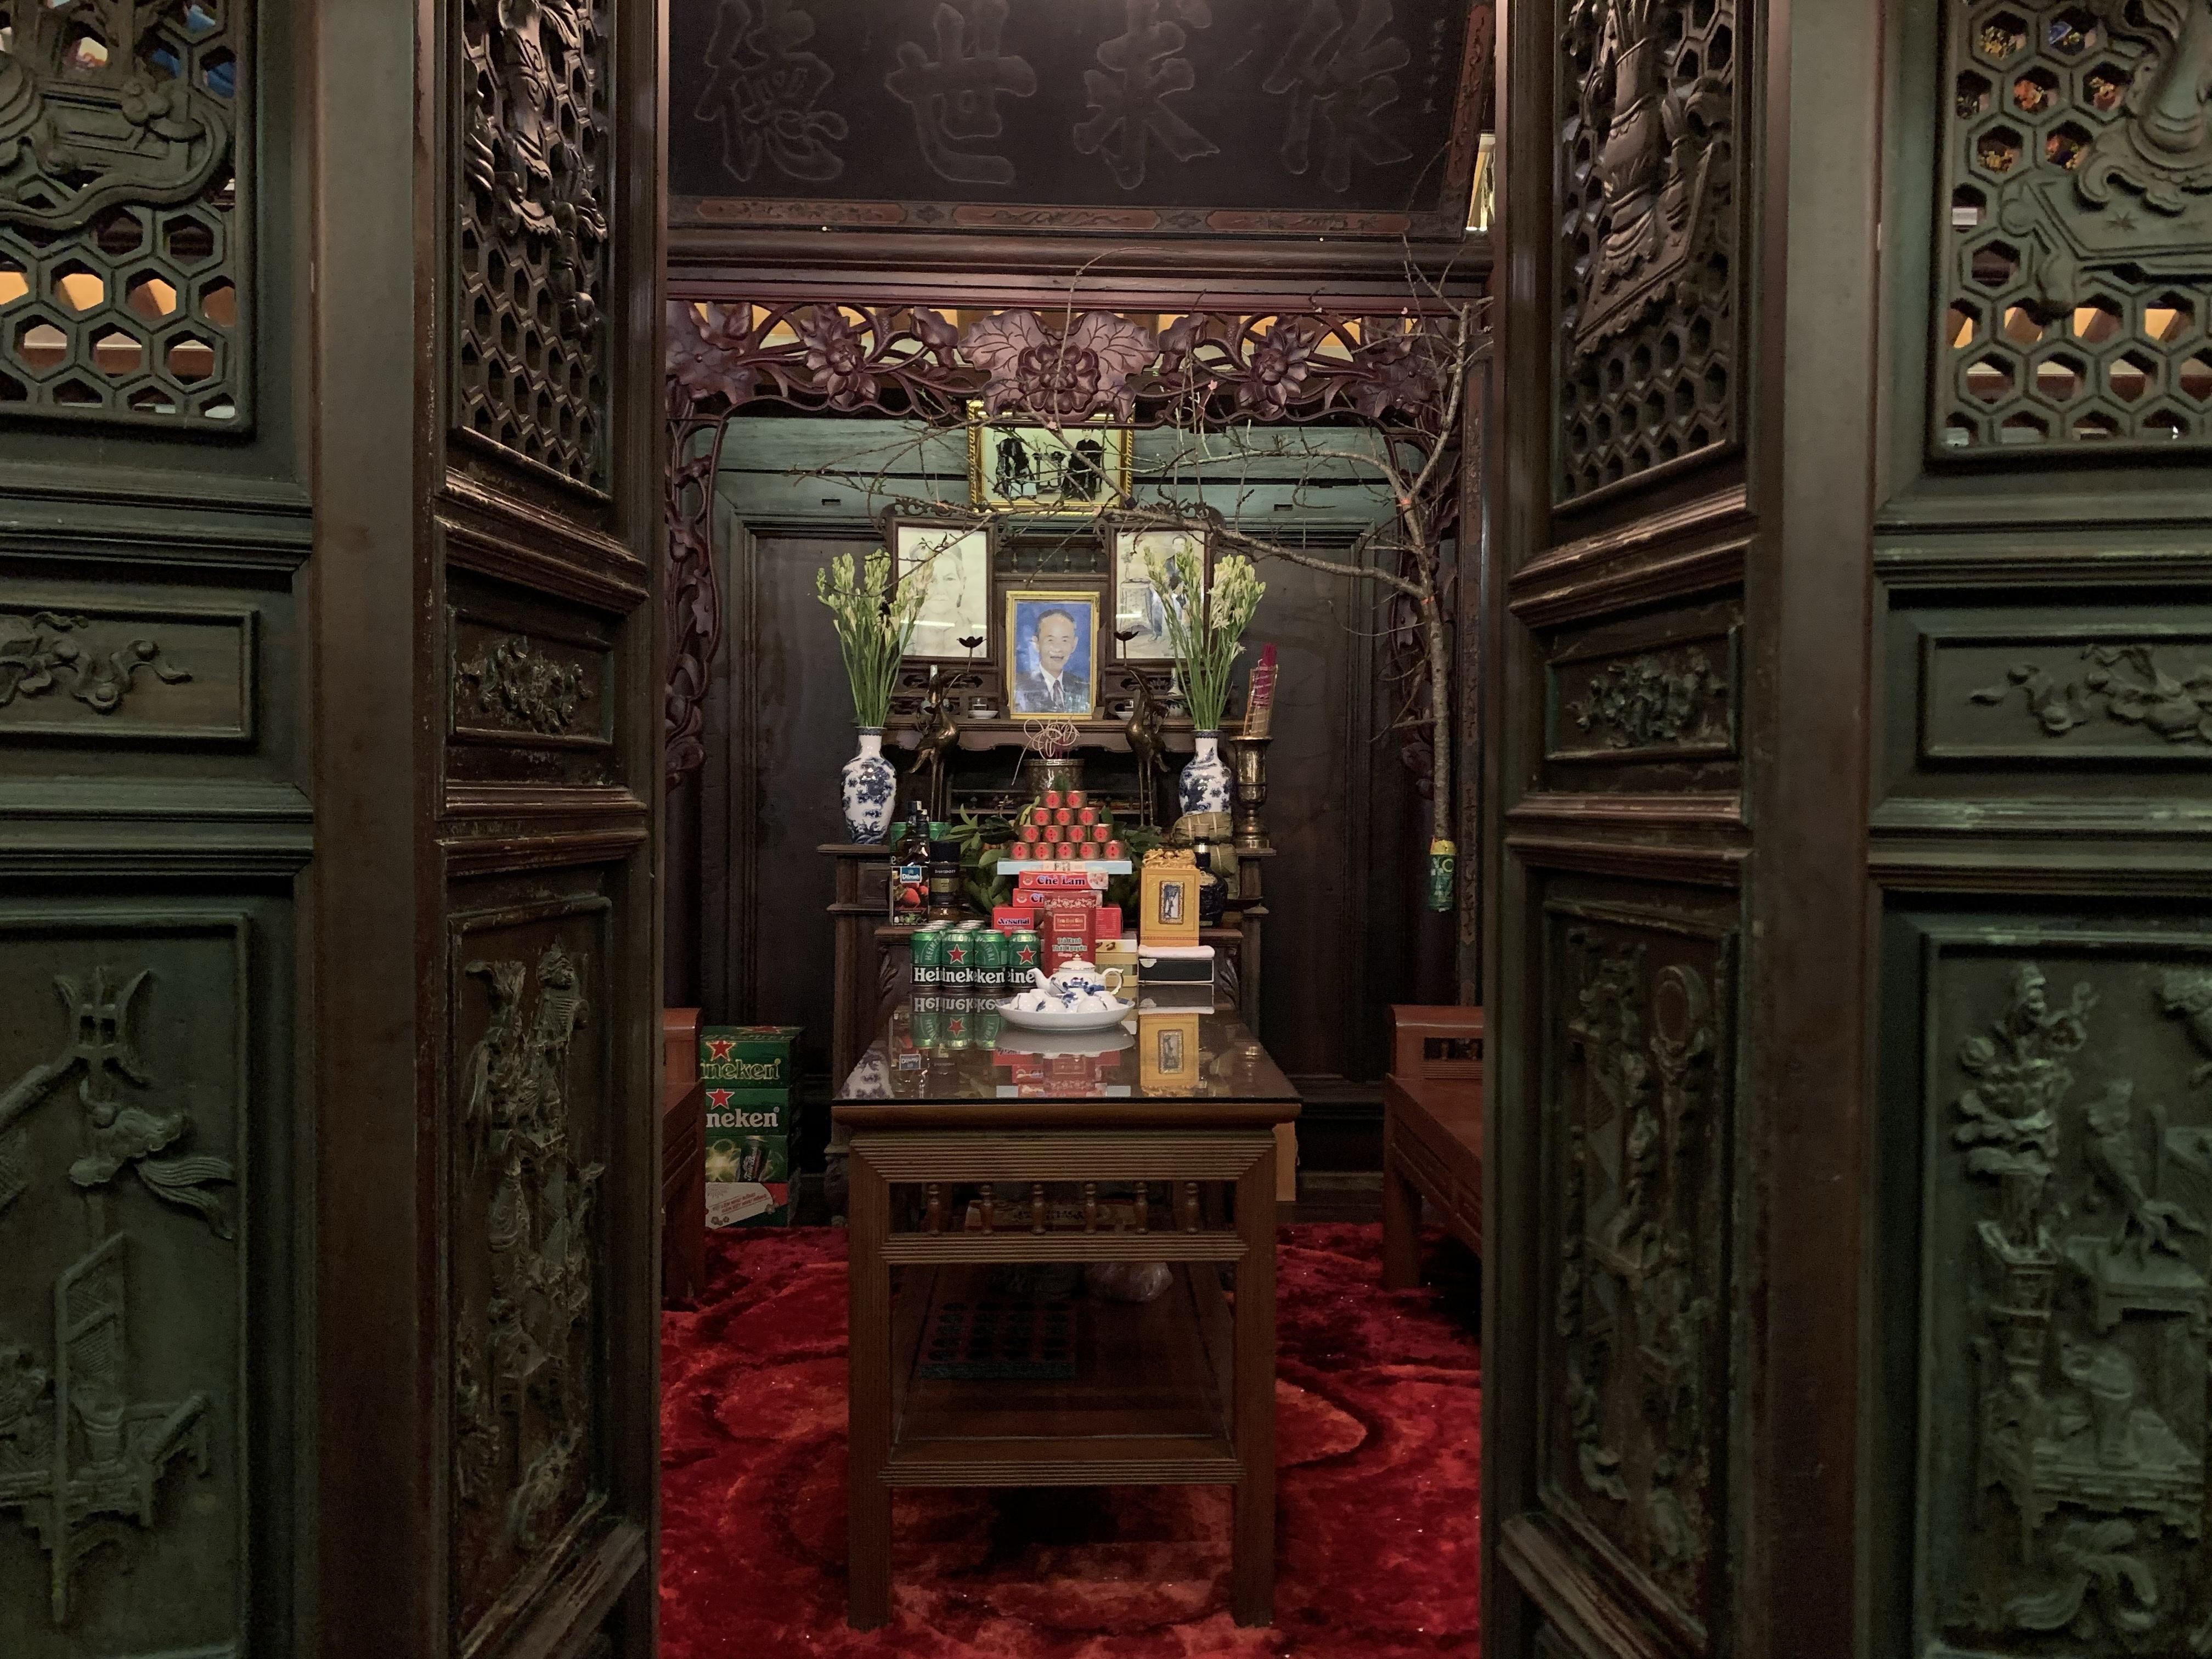 Cận cảnh nhà cổ trăm tuổi toàn bằng gỗ quý, đẹp hiếm có ở Nam Định - 6